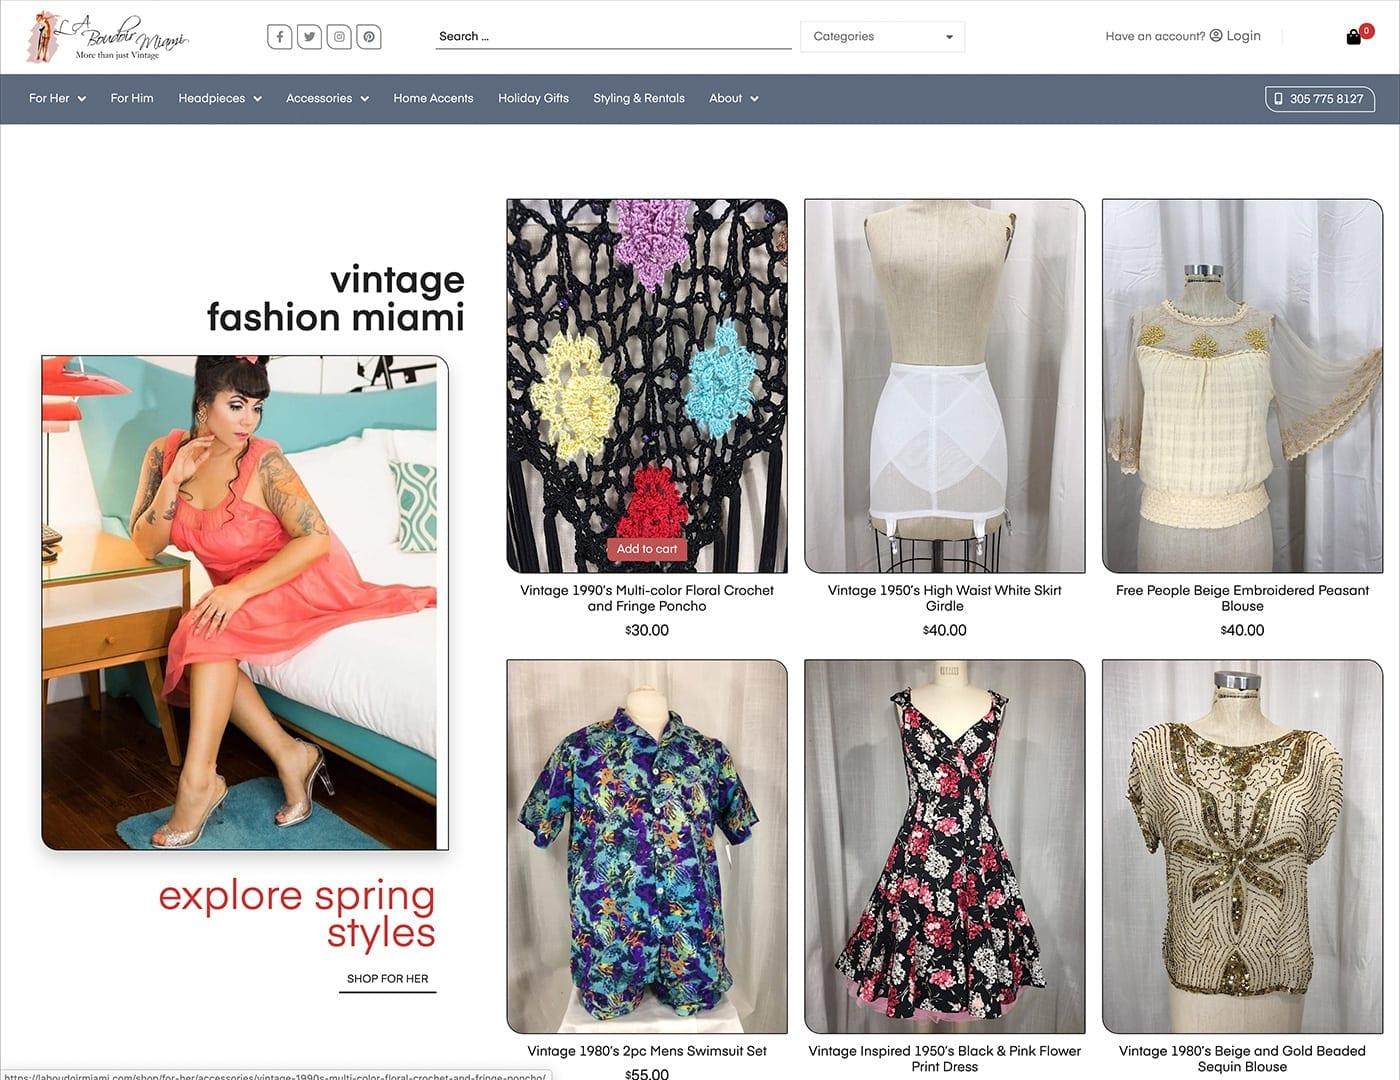 Home Page Design - laboudoirmiami.com - Built with bizProWeb | Miami